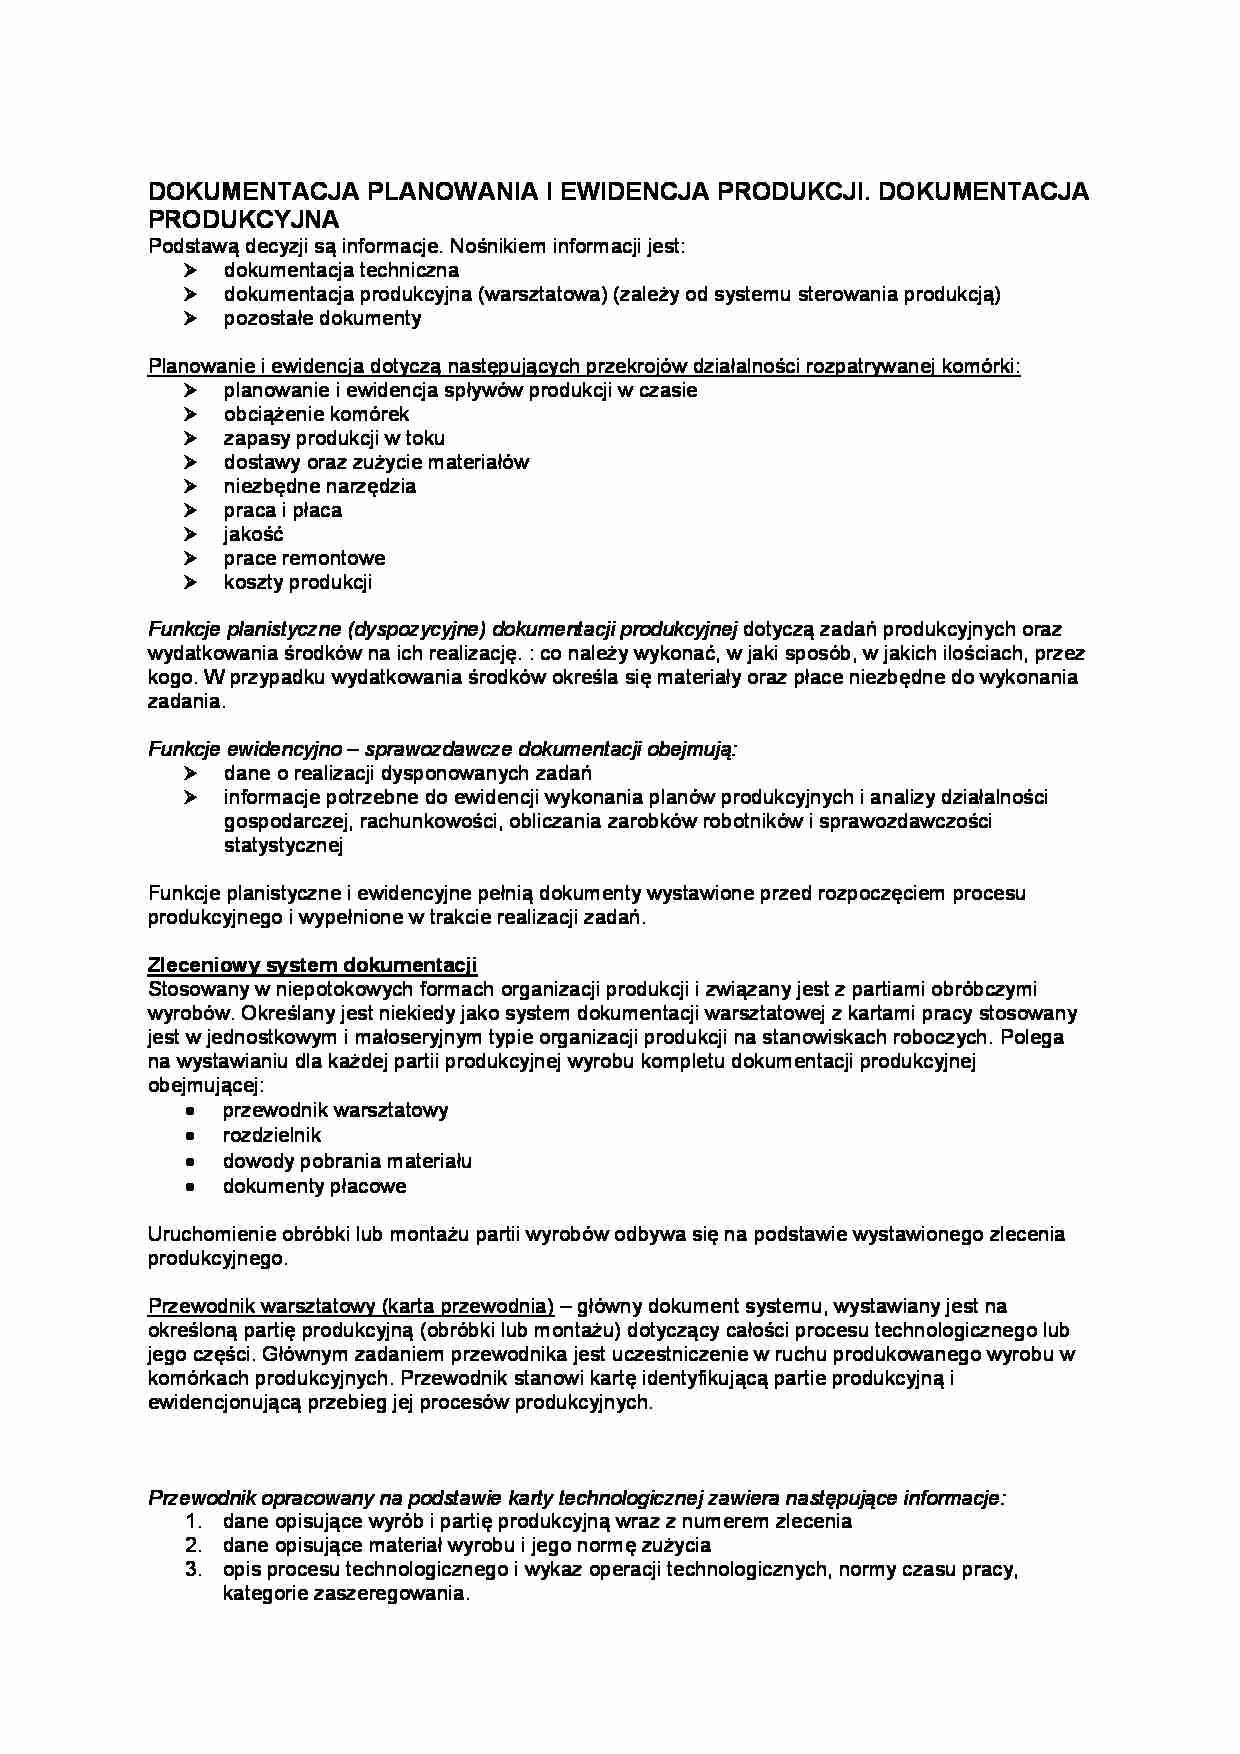 Dokumentacja Planowania I Ewidencja Produkcji Opracowanie Notatek Pl